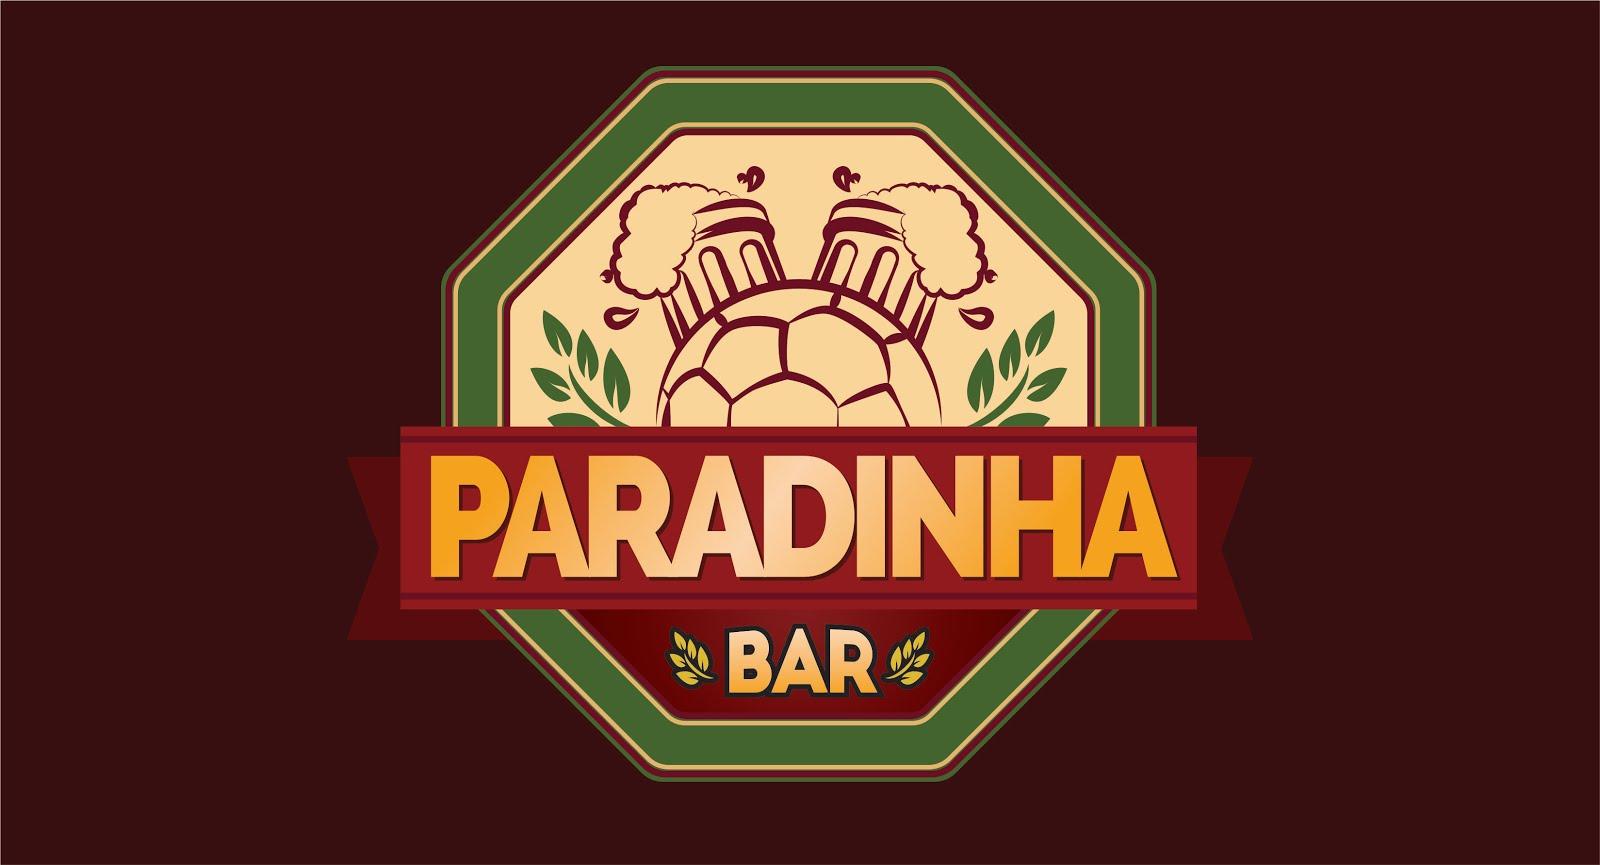 PARADINHA BAR